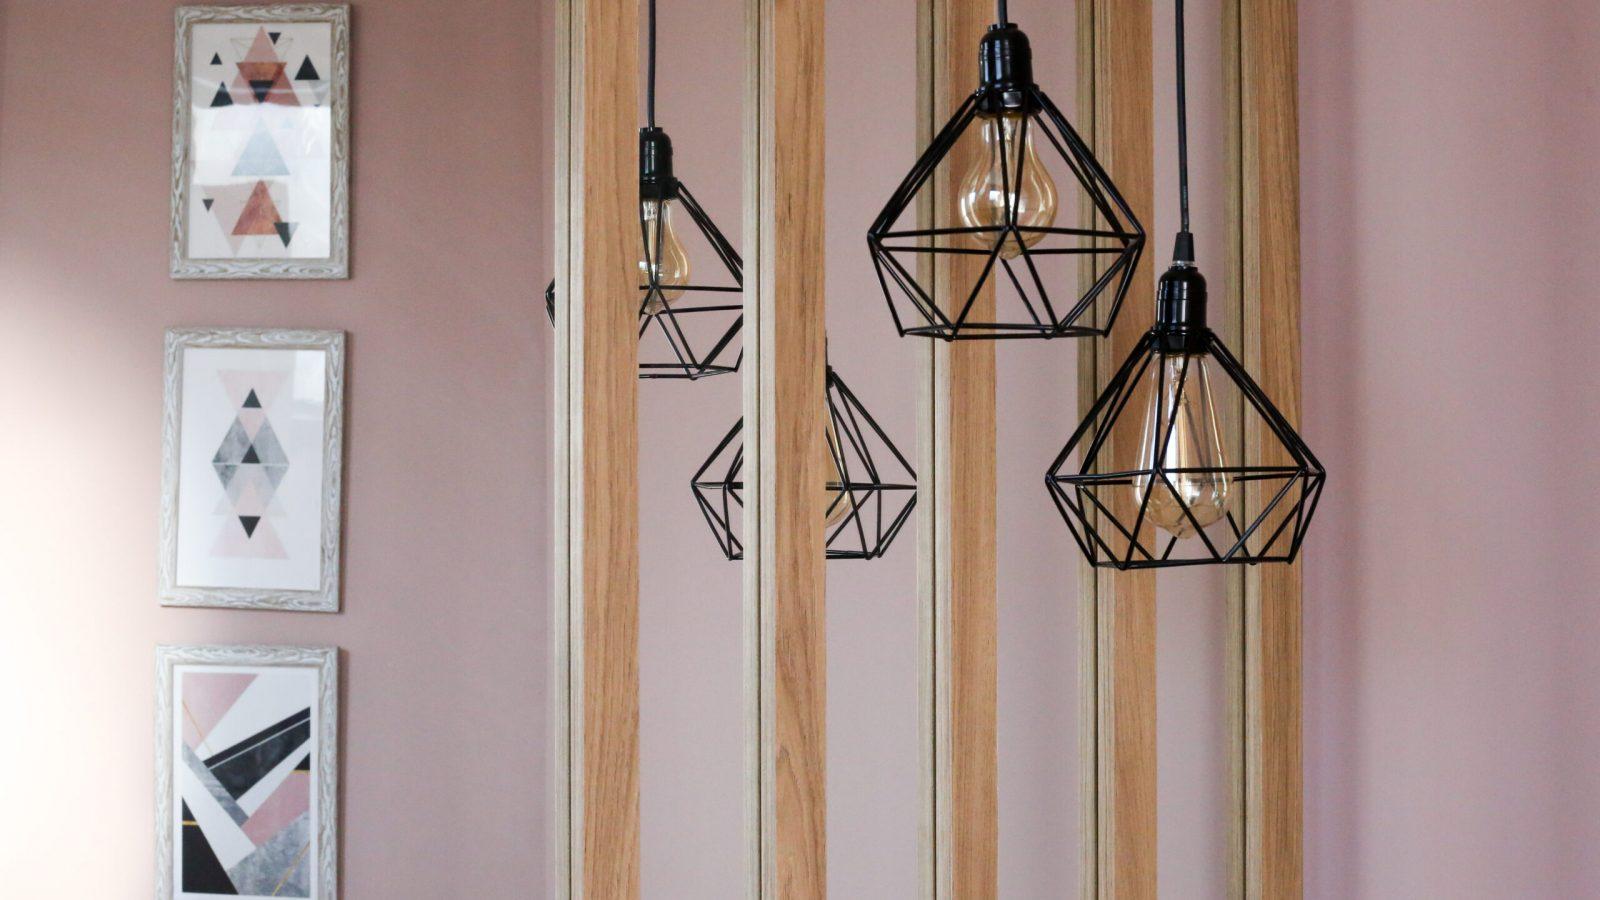 Luminárias pretas e parede com quadros ao fundo.